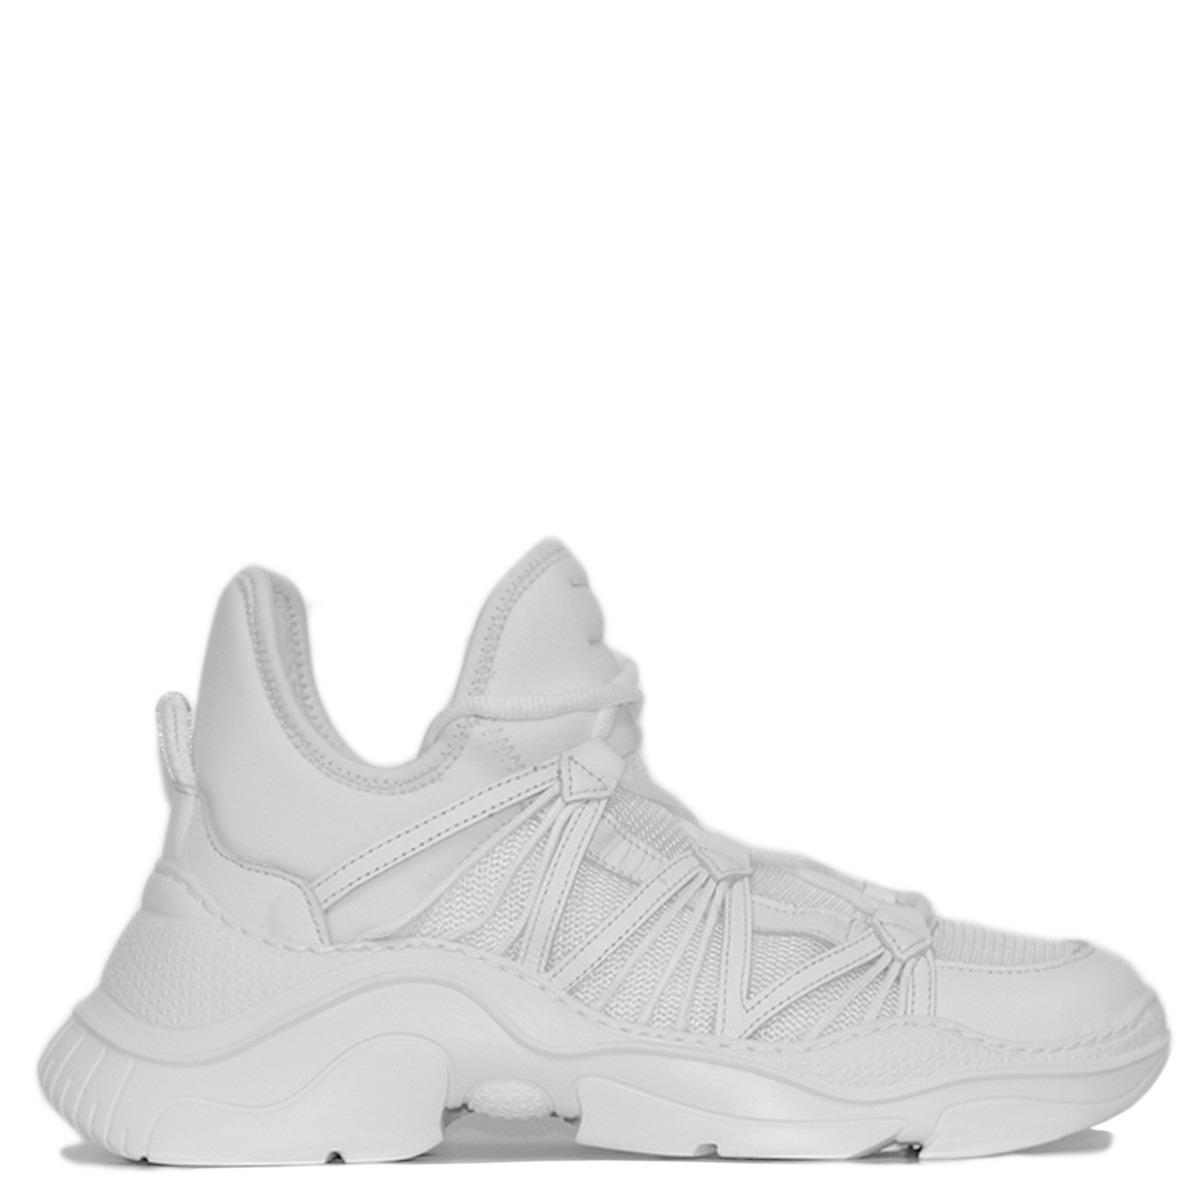 c2e4fabd4 Tênis Schutz Chunky Sneaker S.95-18 Branco - R$ 490,00 em Mercado Livre